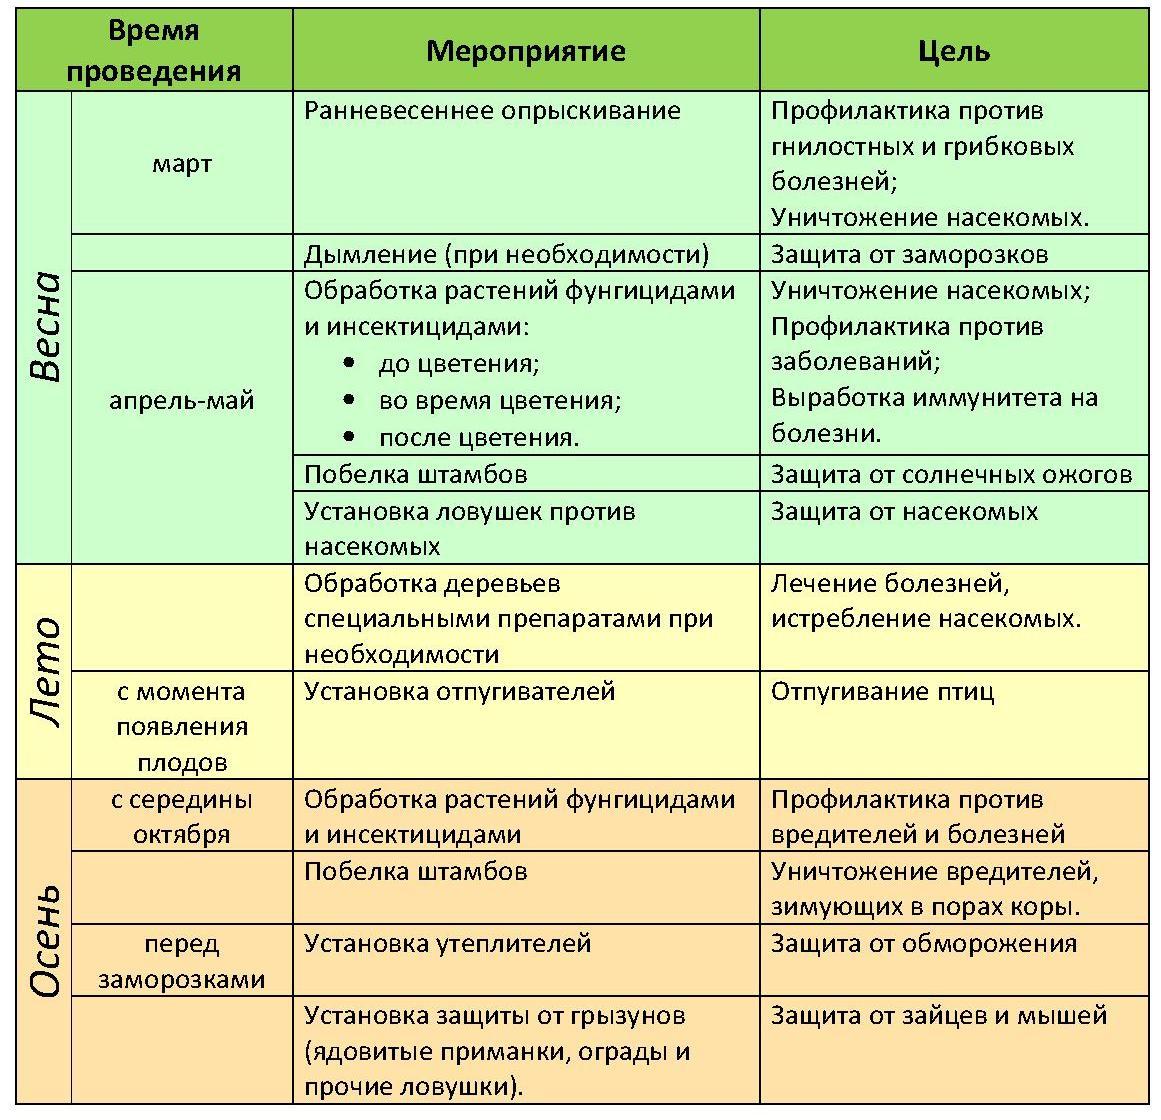 Опрыскивание растений весной: защита и профилактика